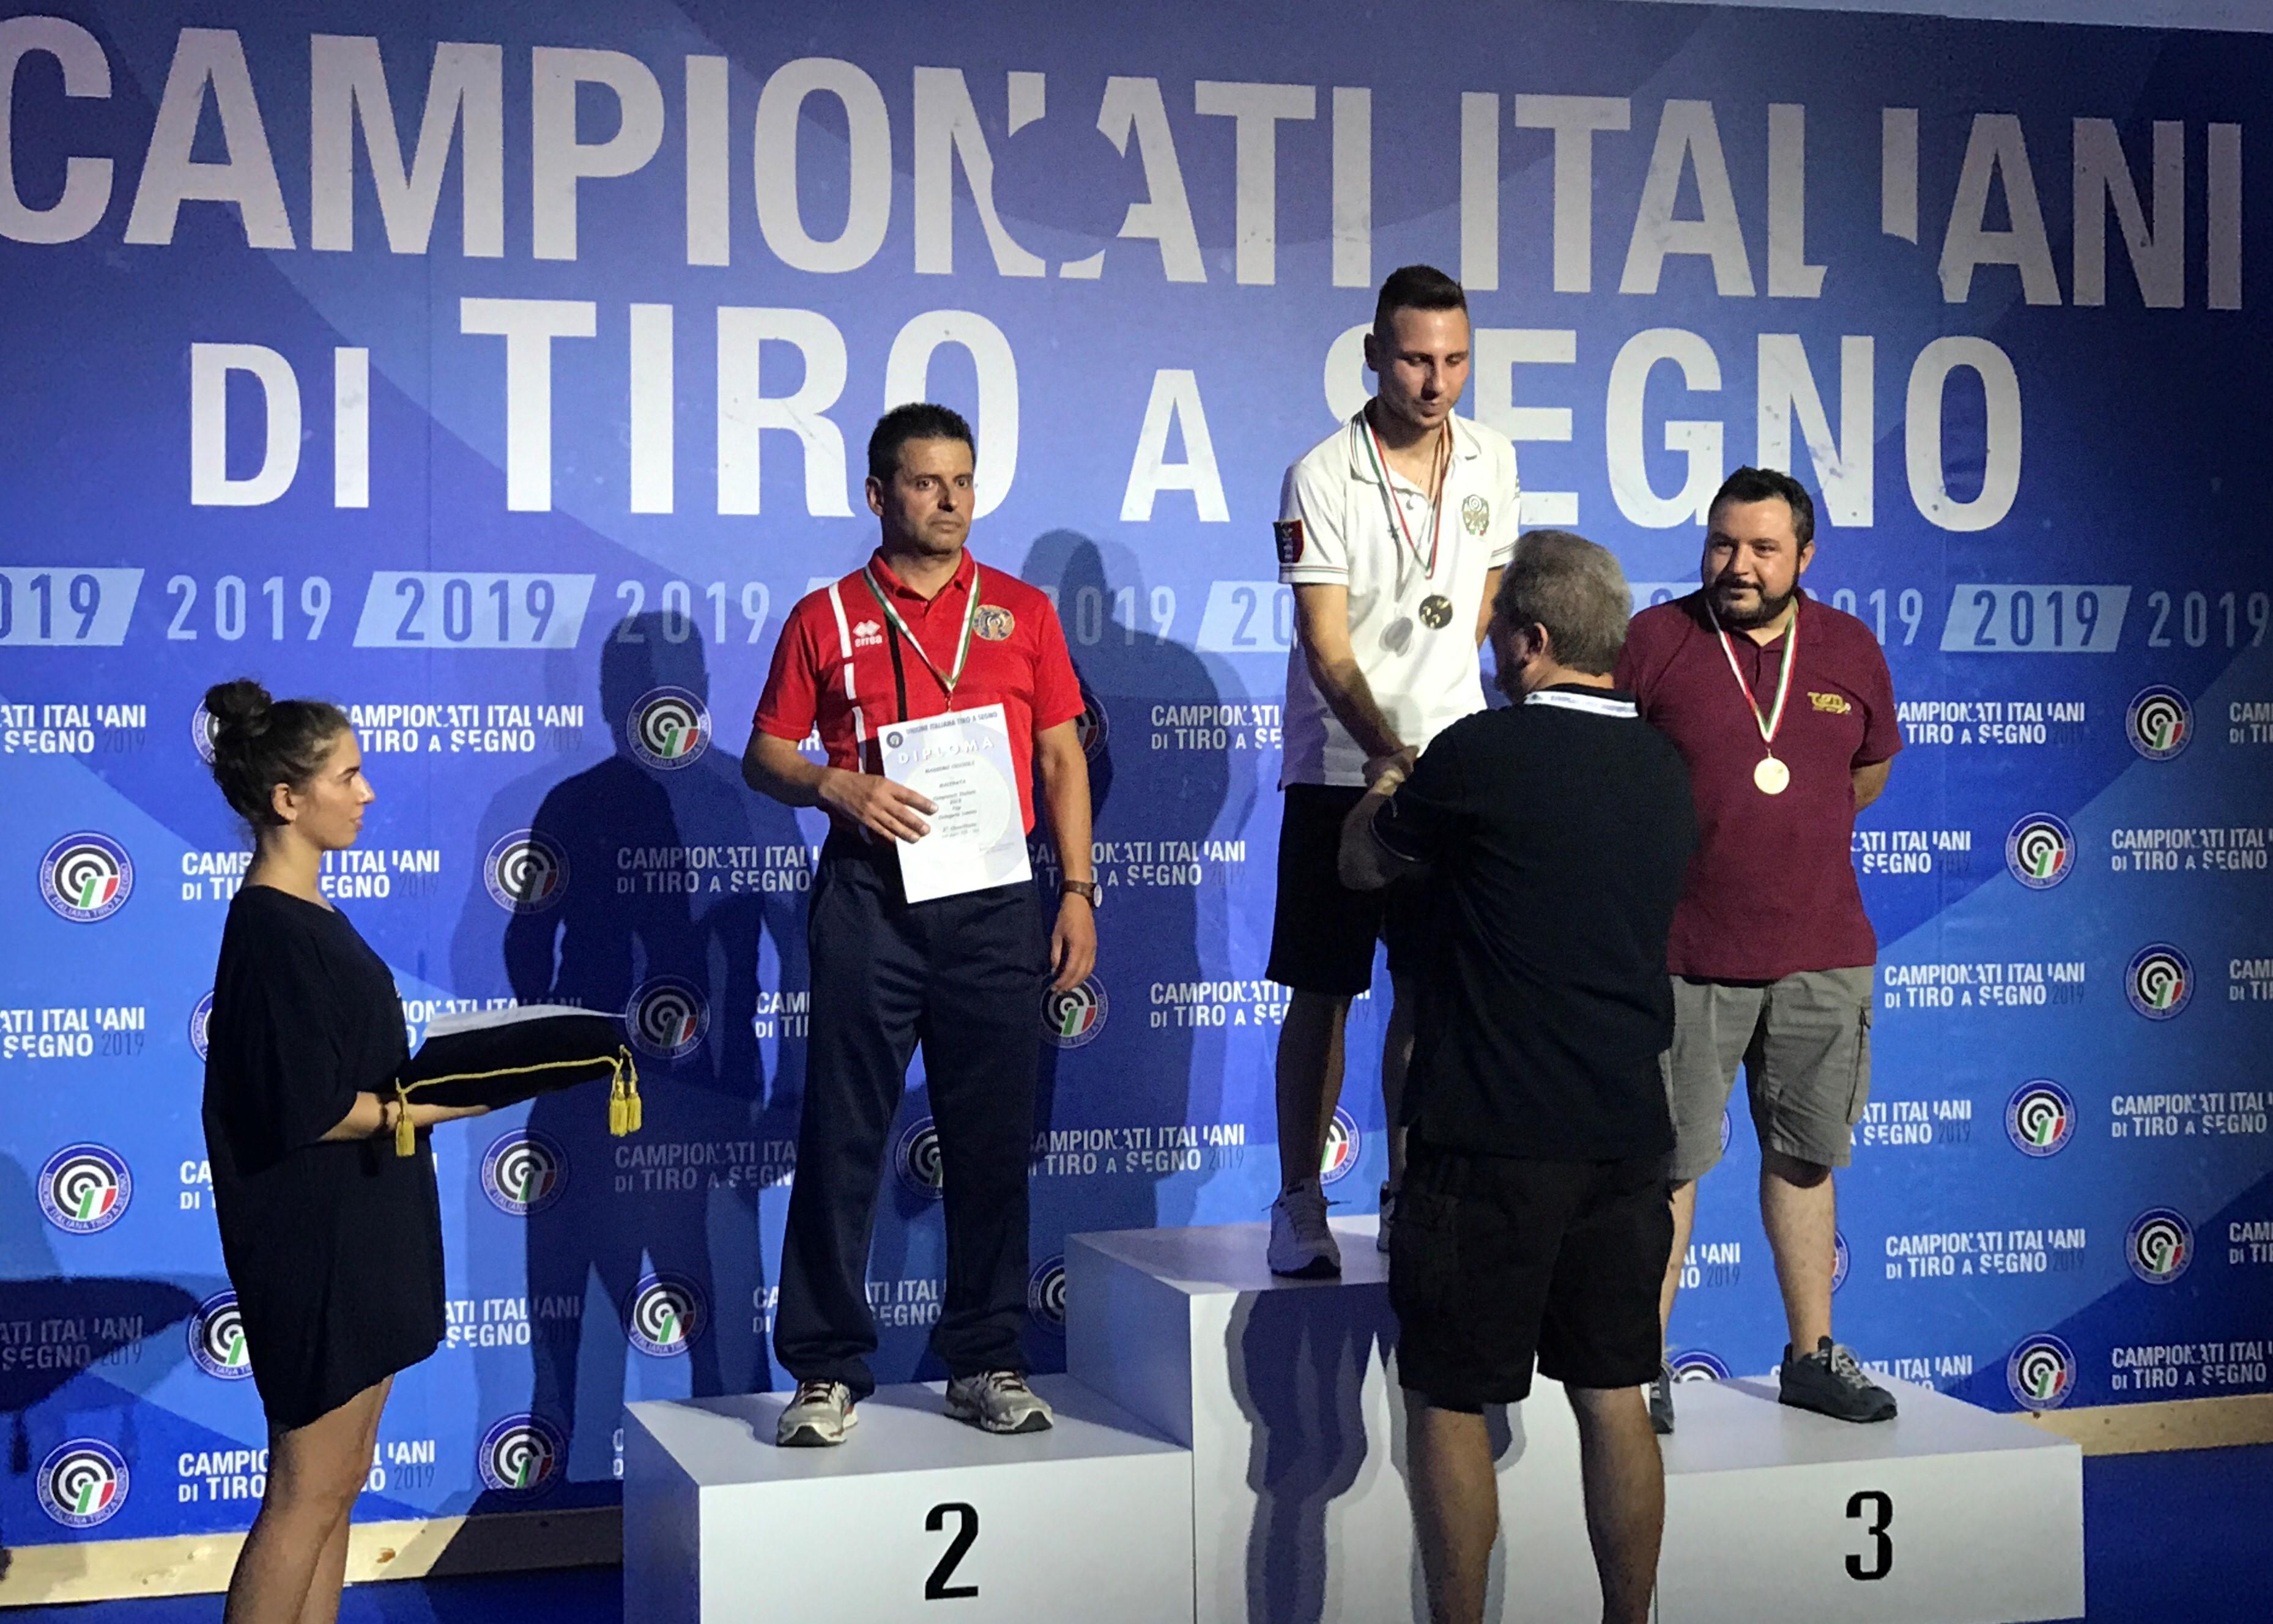 Campionati Italiani Bologna 2019. Candela parte col piede giusto.